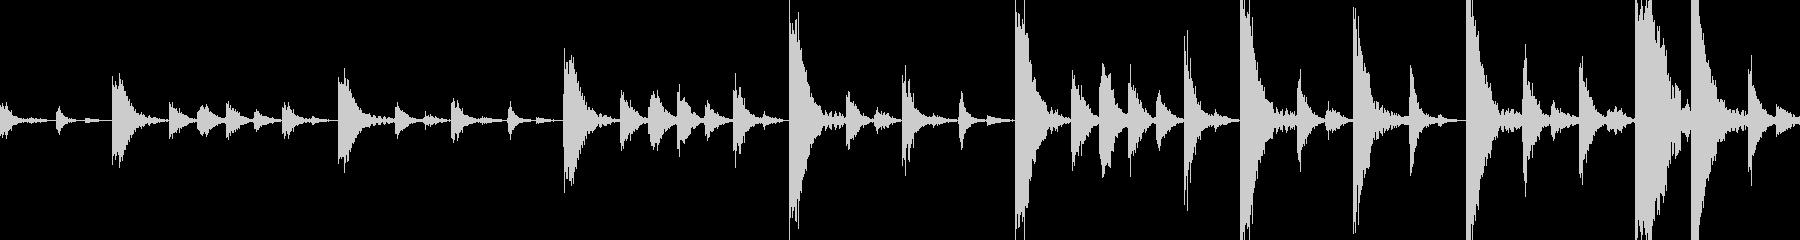 ドラムンベースのリズムループパターン#3の未再生の波形